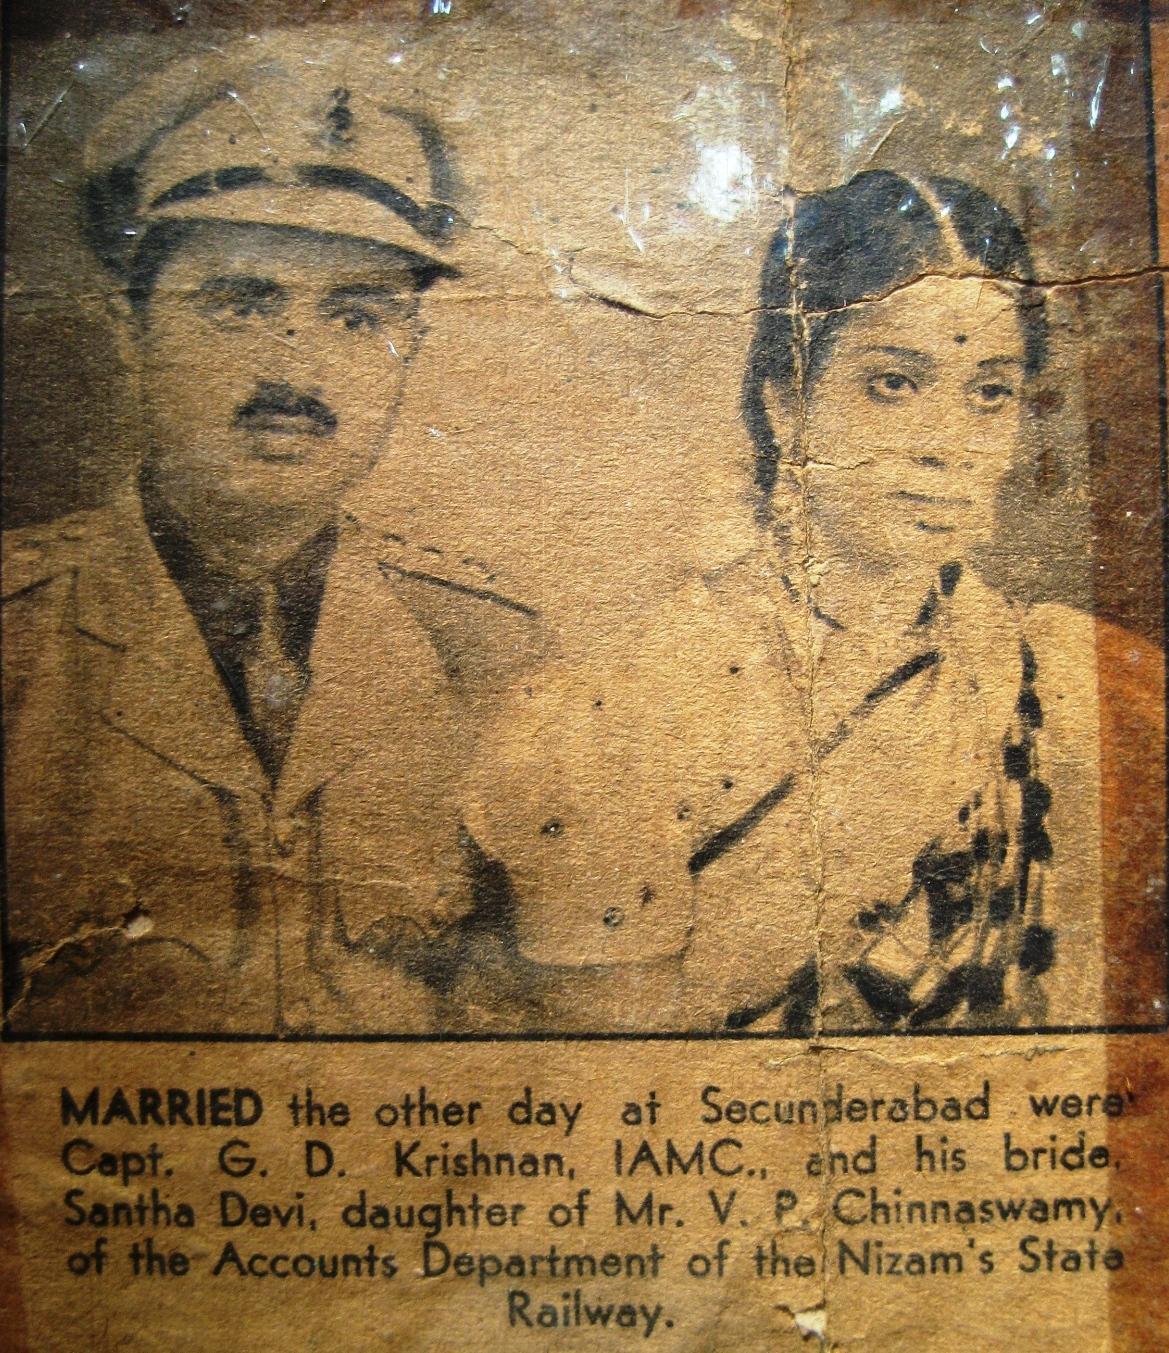 alipiri the beginning shyamala ranga bhashyam s family my santha devi daughter of shri vadi p chinnaswamy naidu and